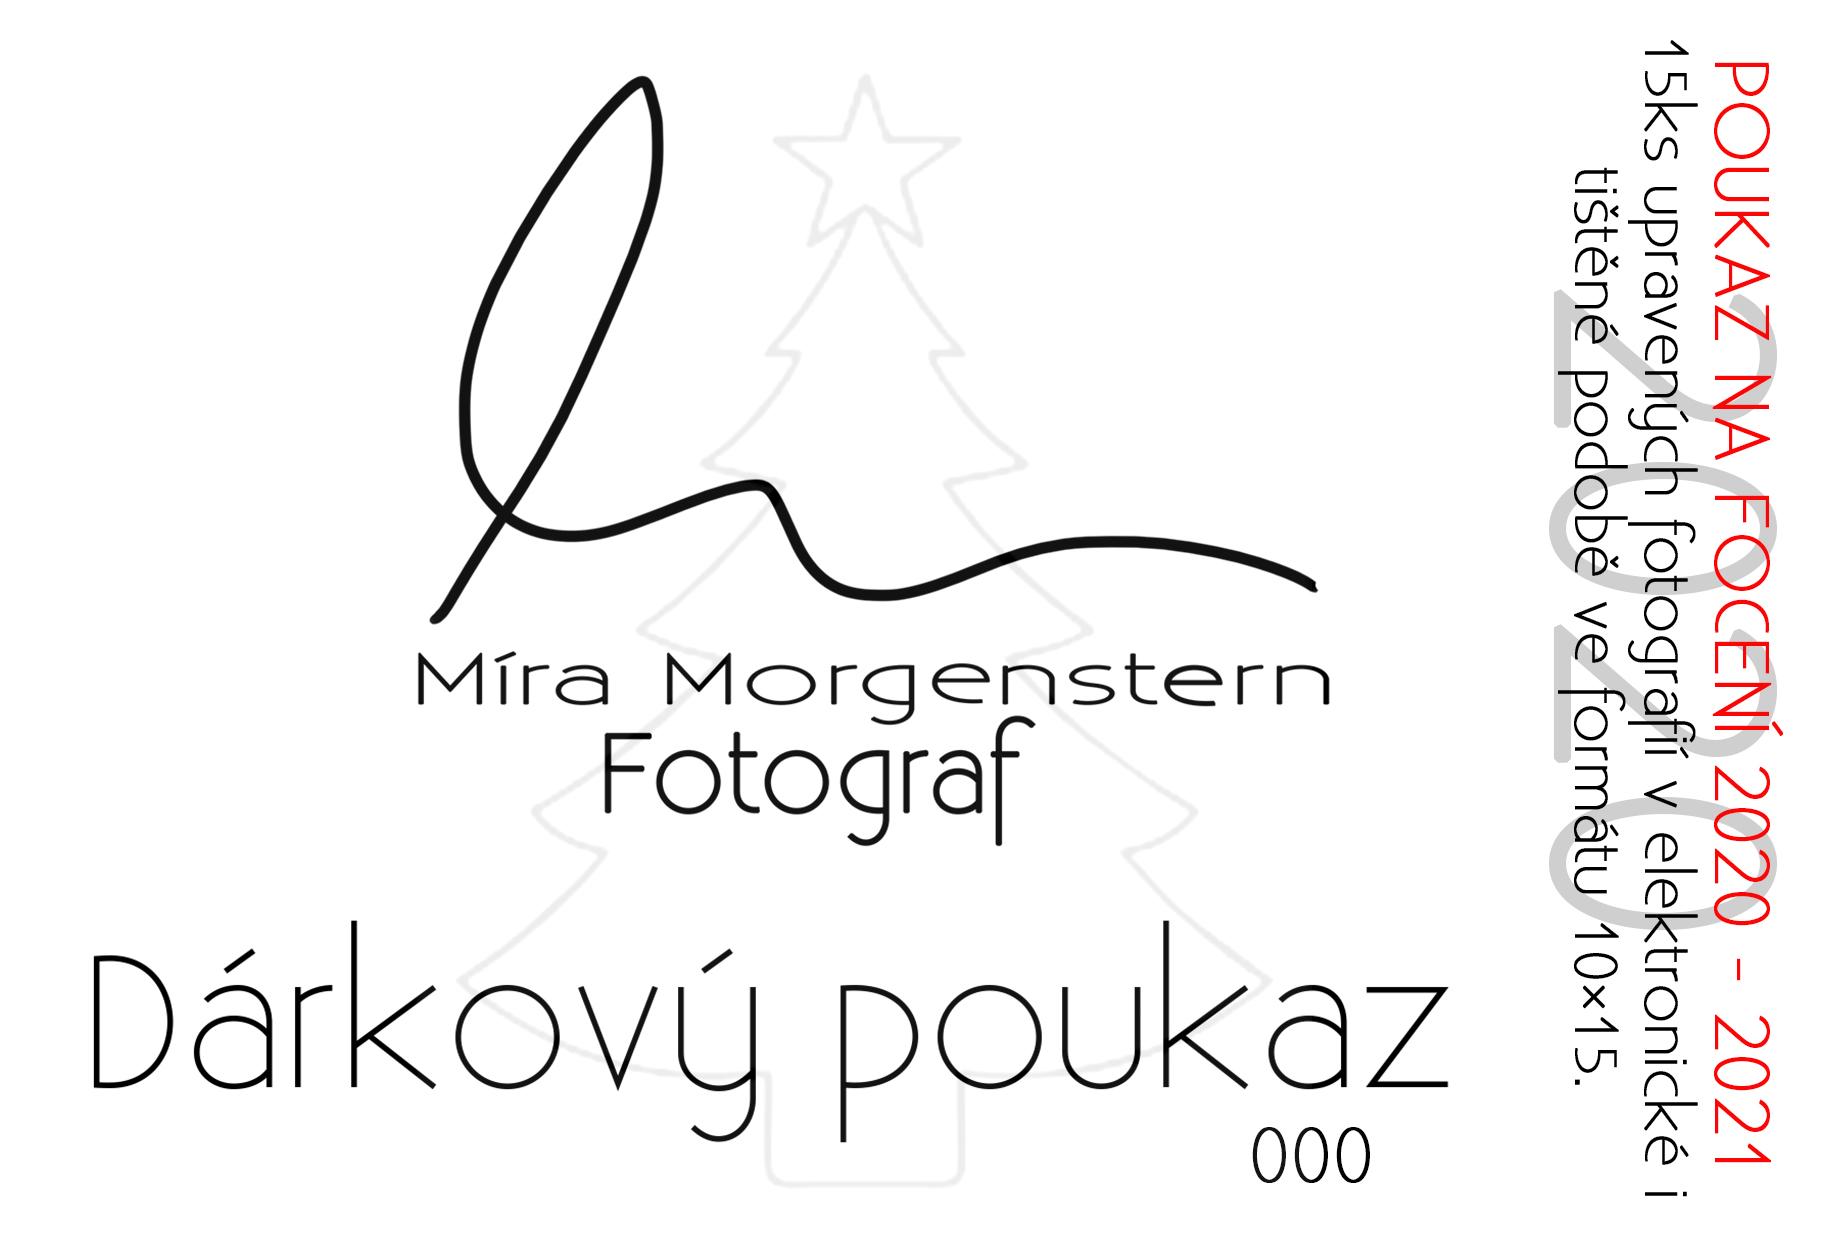 Dárková foto poukaz fotograf